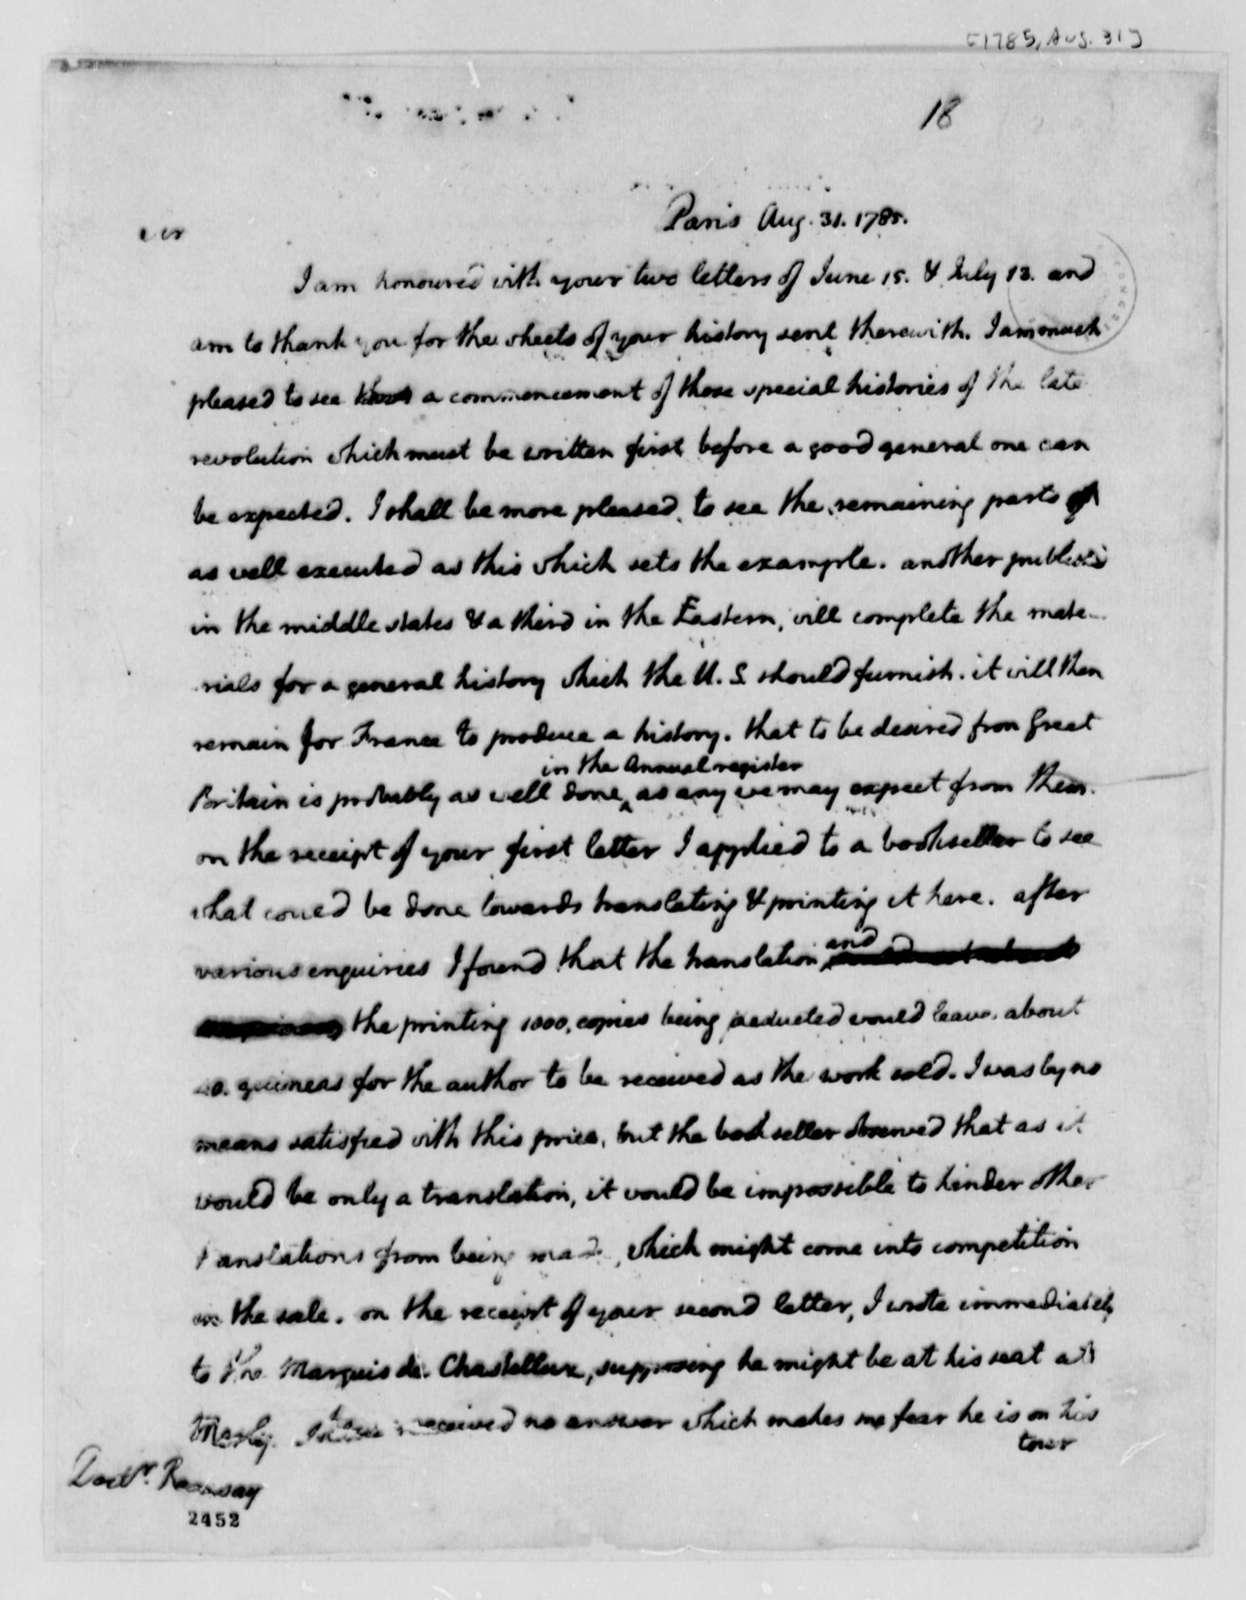 Thomas Jefferson to David Ramsay, August 31, 1785